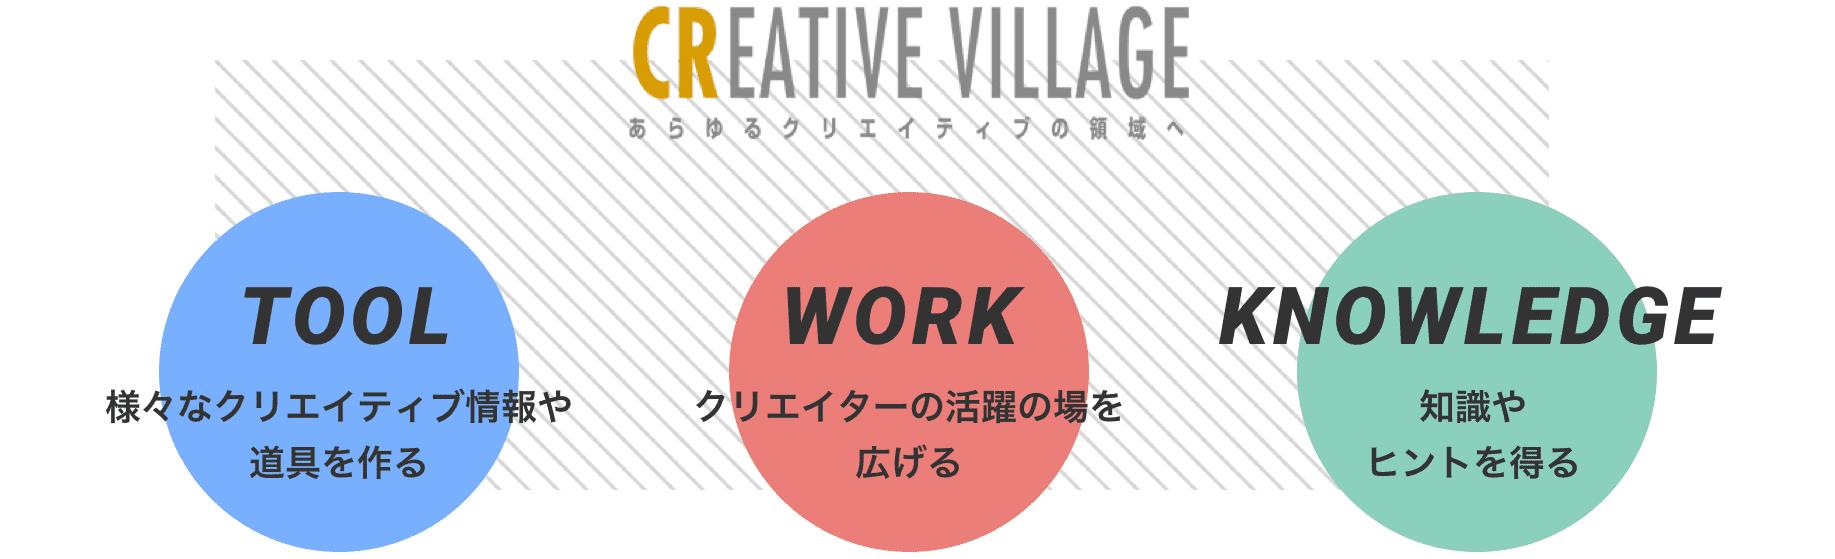 CREATIVE VILLAGE 様々なクリエイティブ情報や道具を作る クリエイターの活躍の場を広げる 知識やヒントを得る